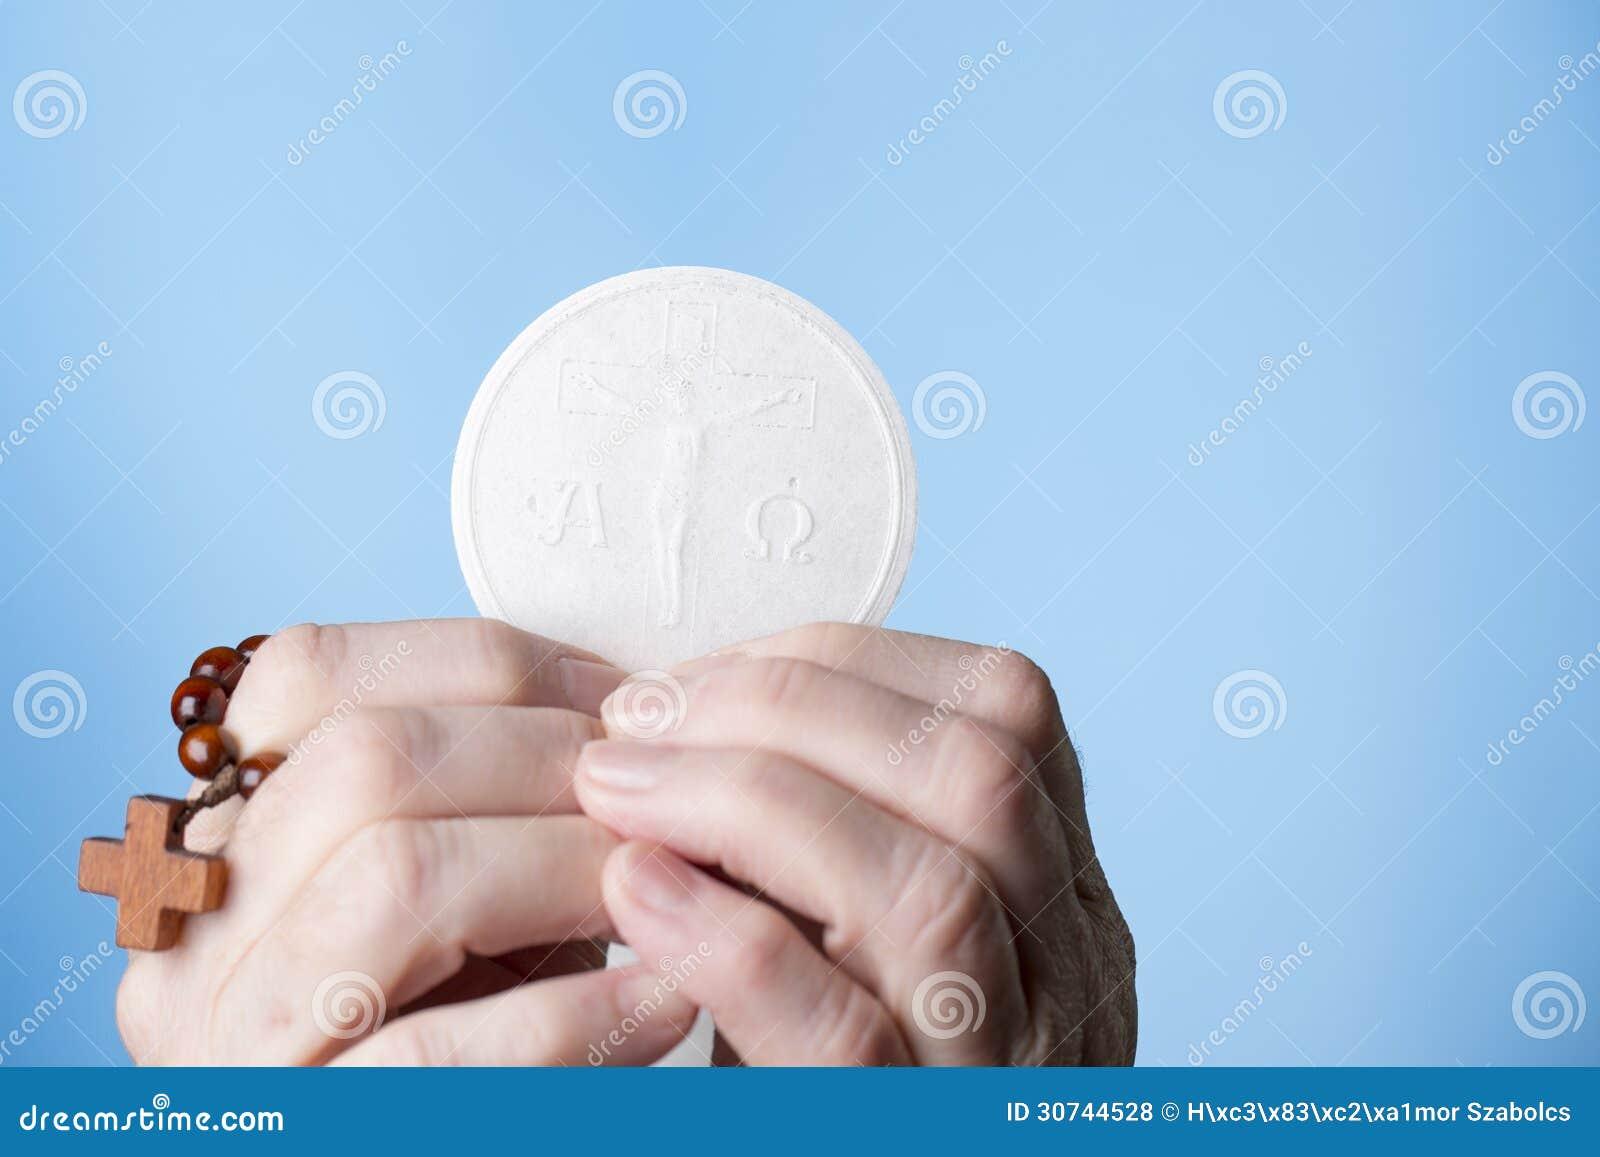 多数圣洁圣餐